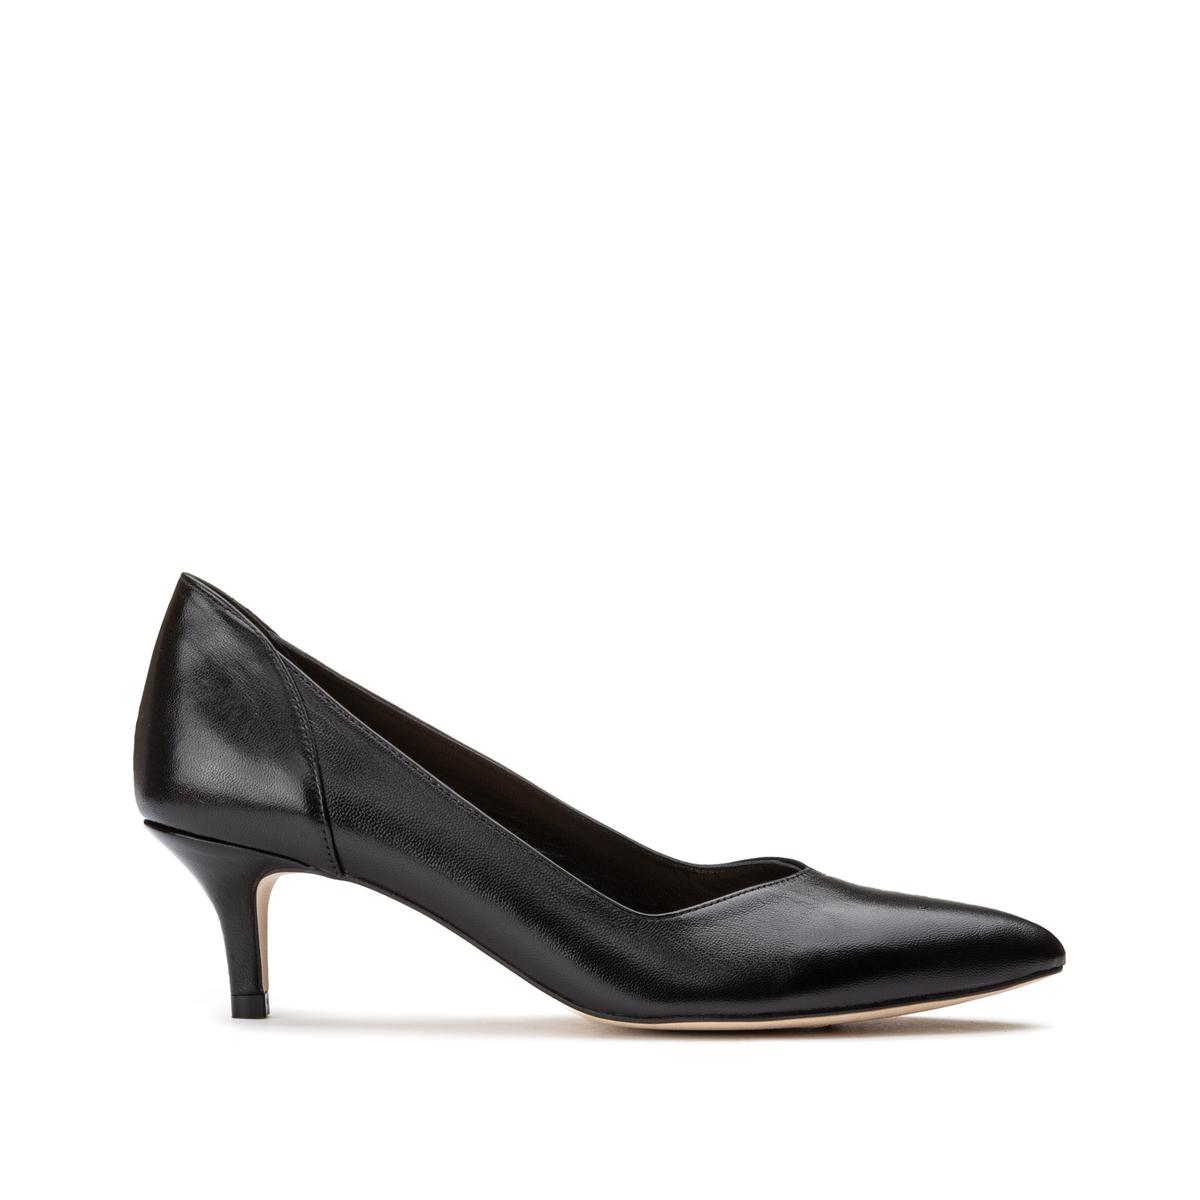 Туфли LaRedoute Из кожи на каблуке-шпильке 38 черный